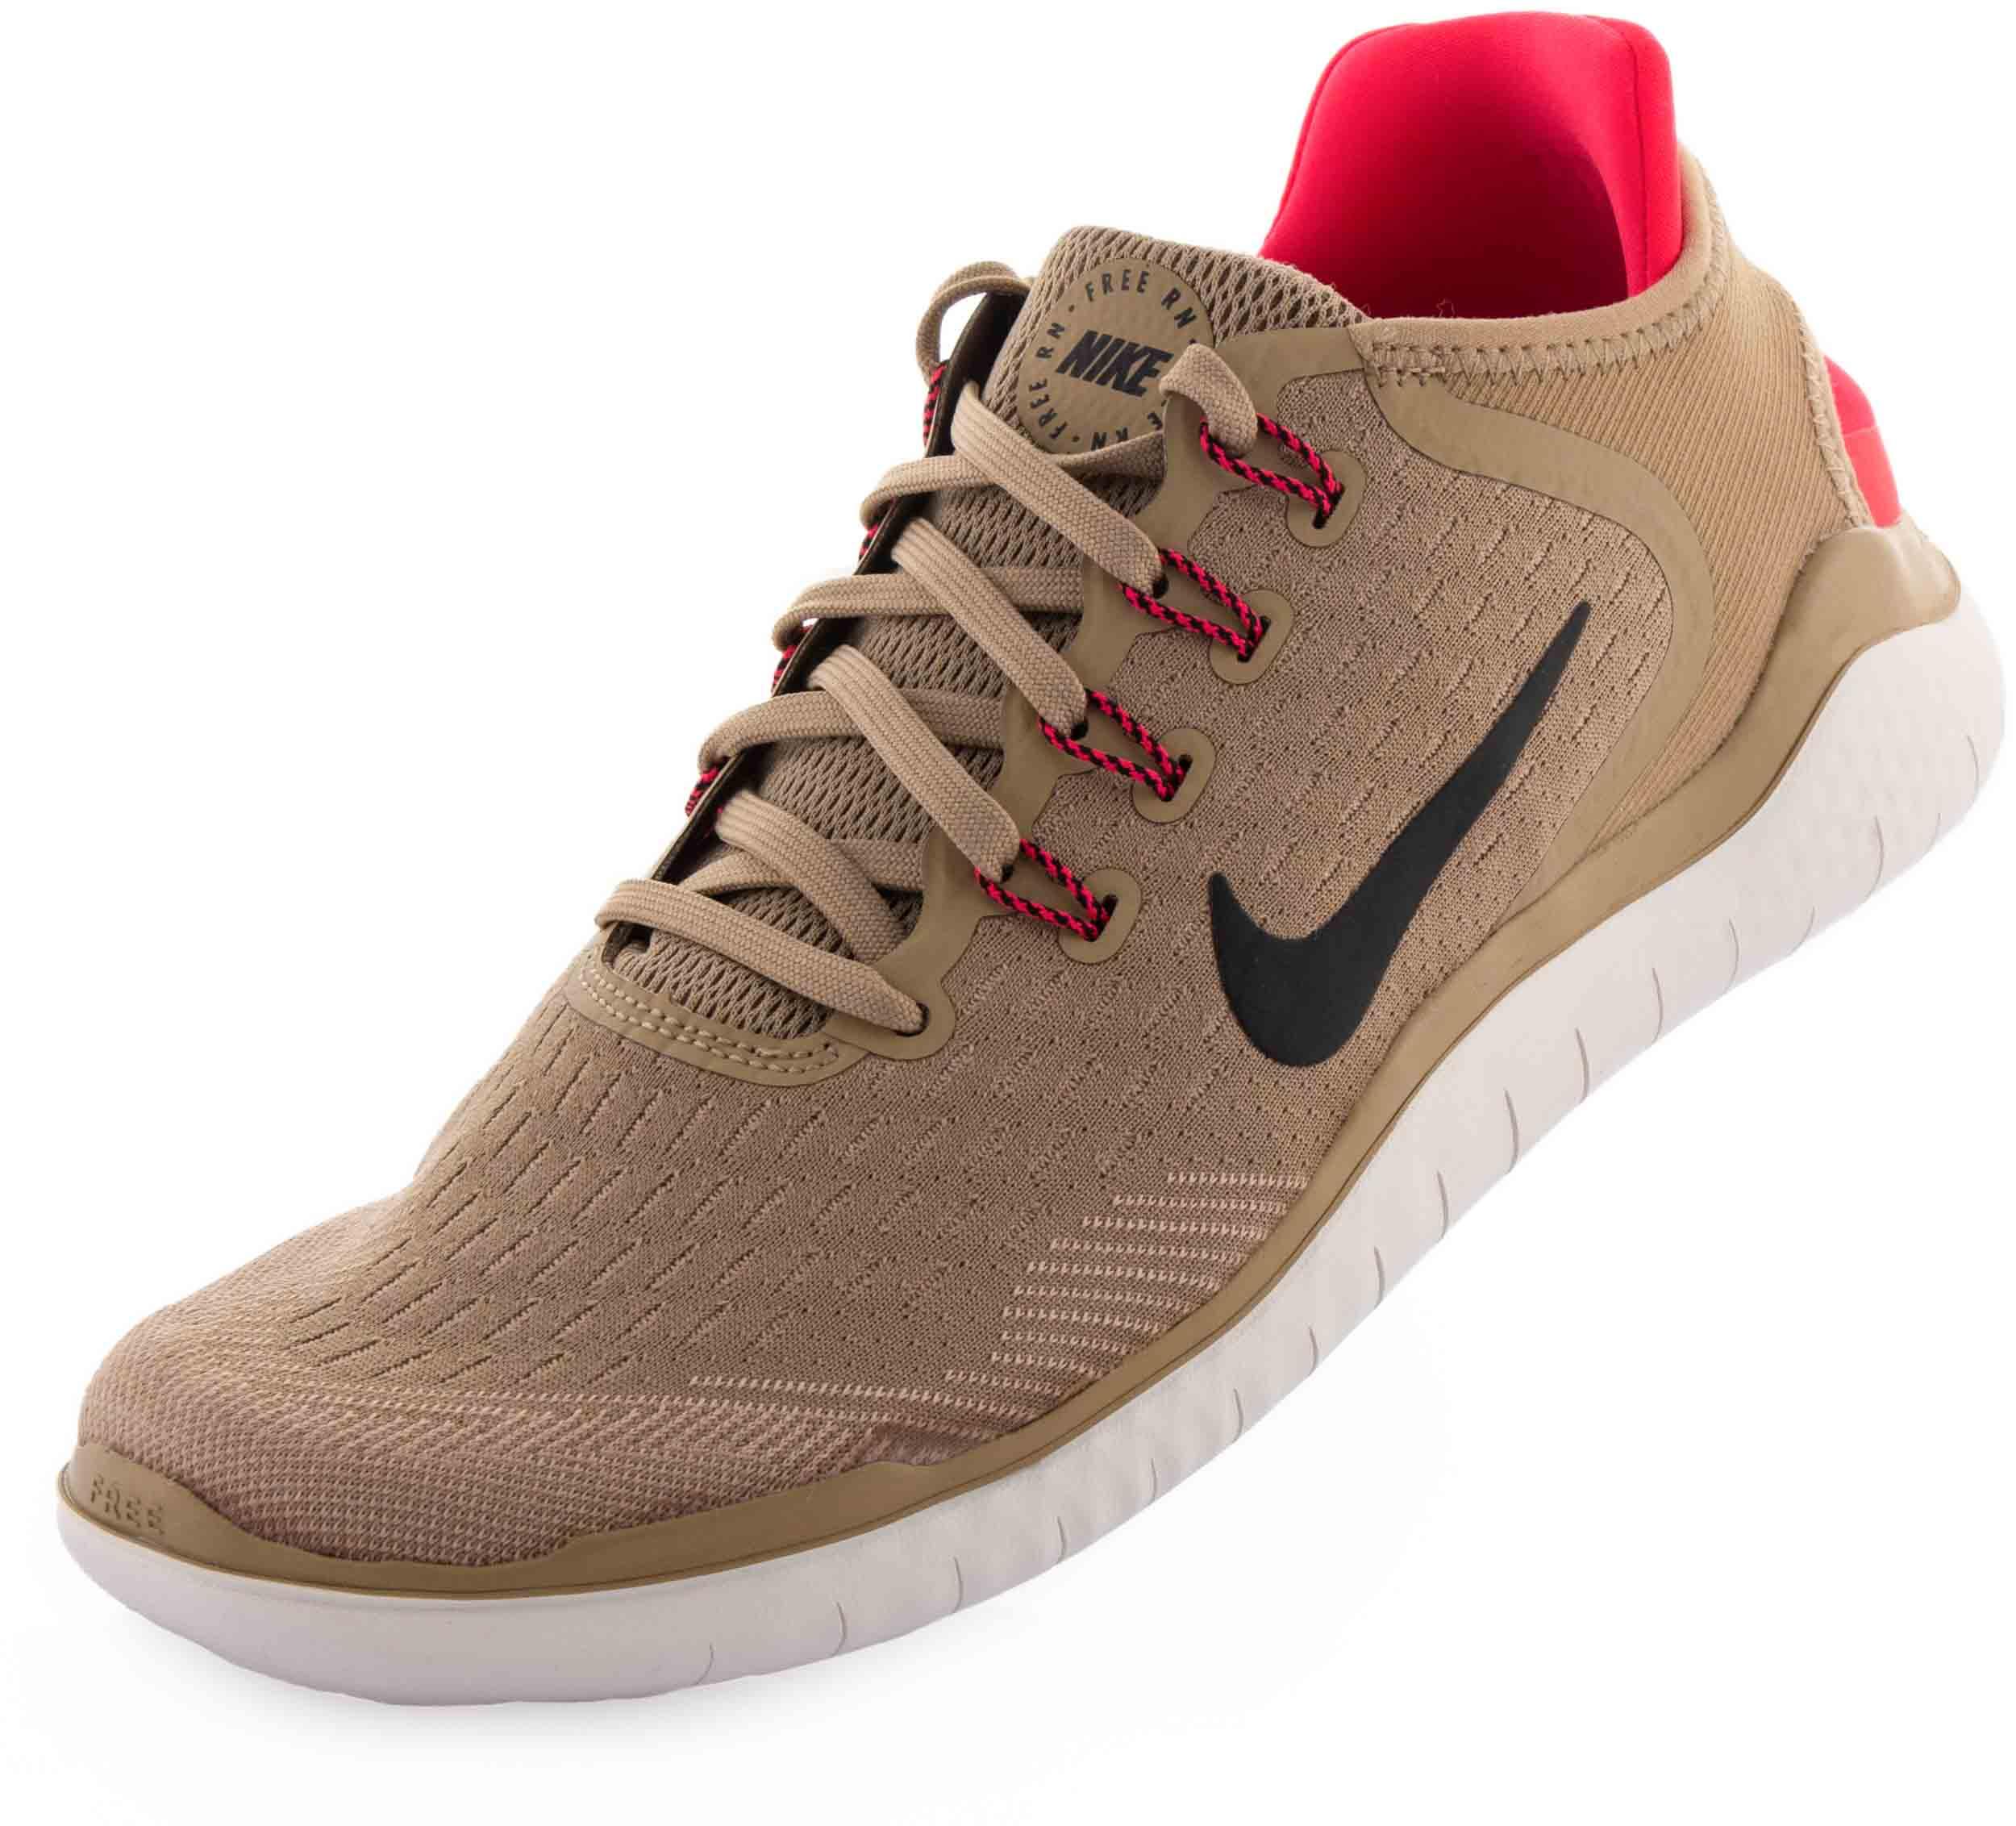 Unisex obuv Nike Free Run